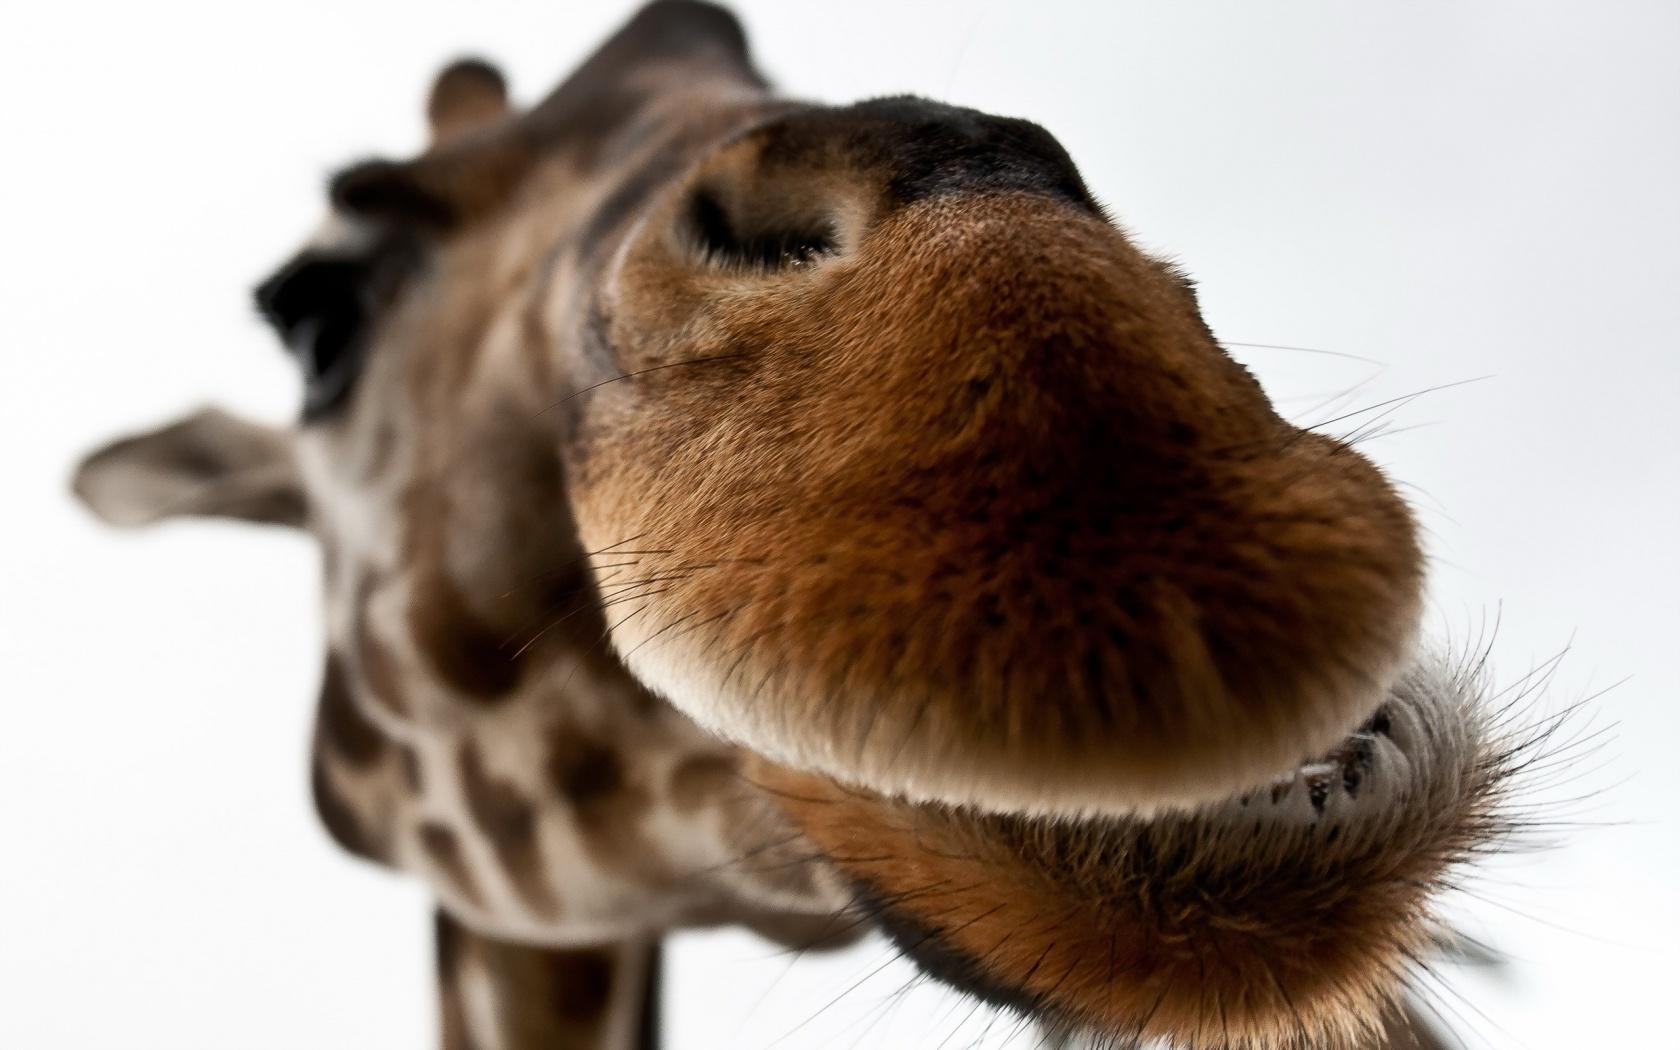 Giraffe Lips